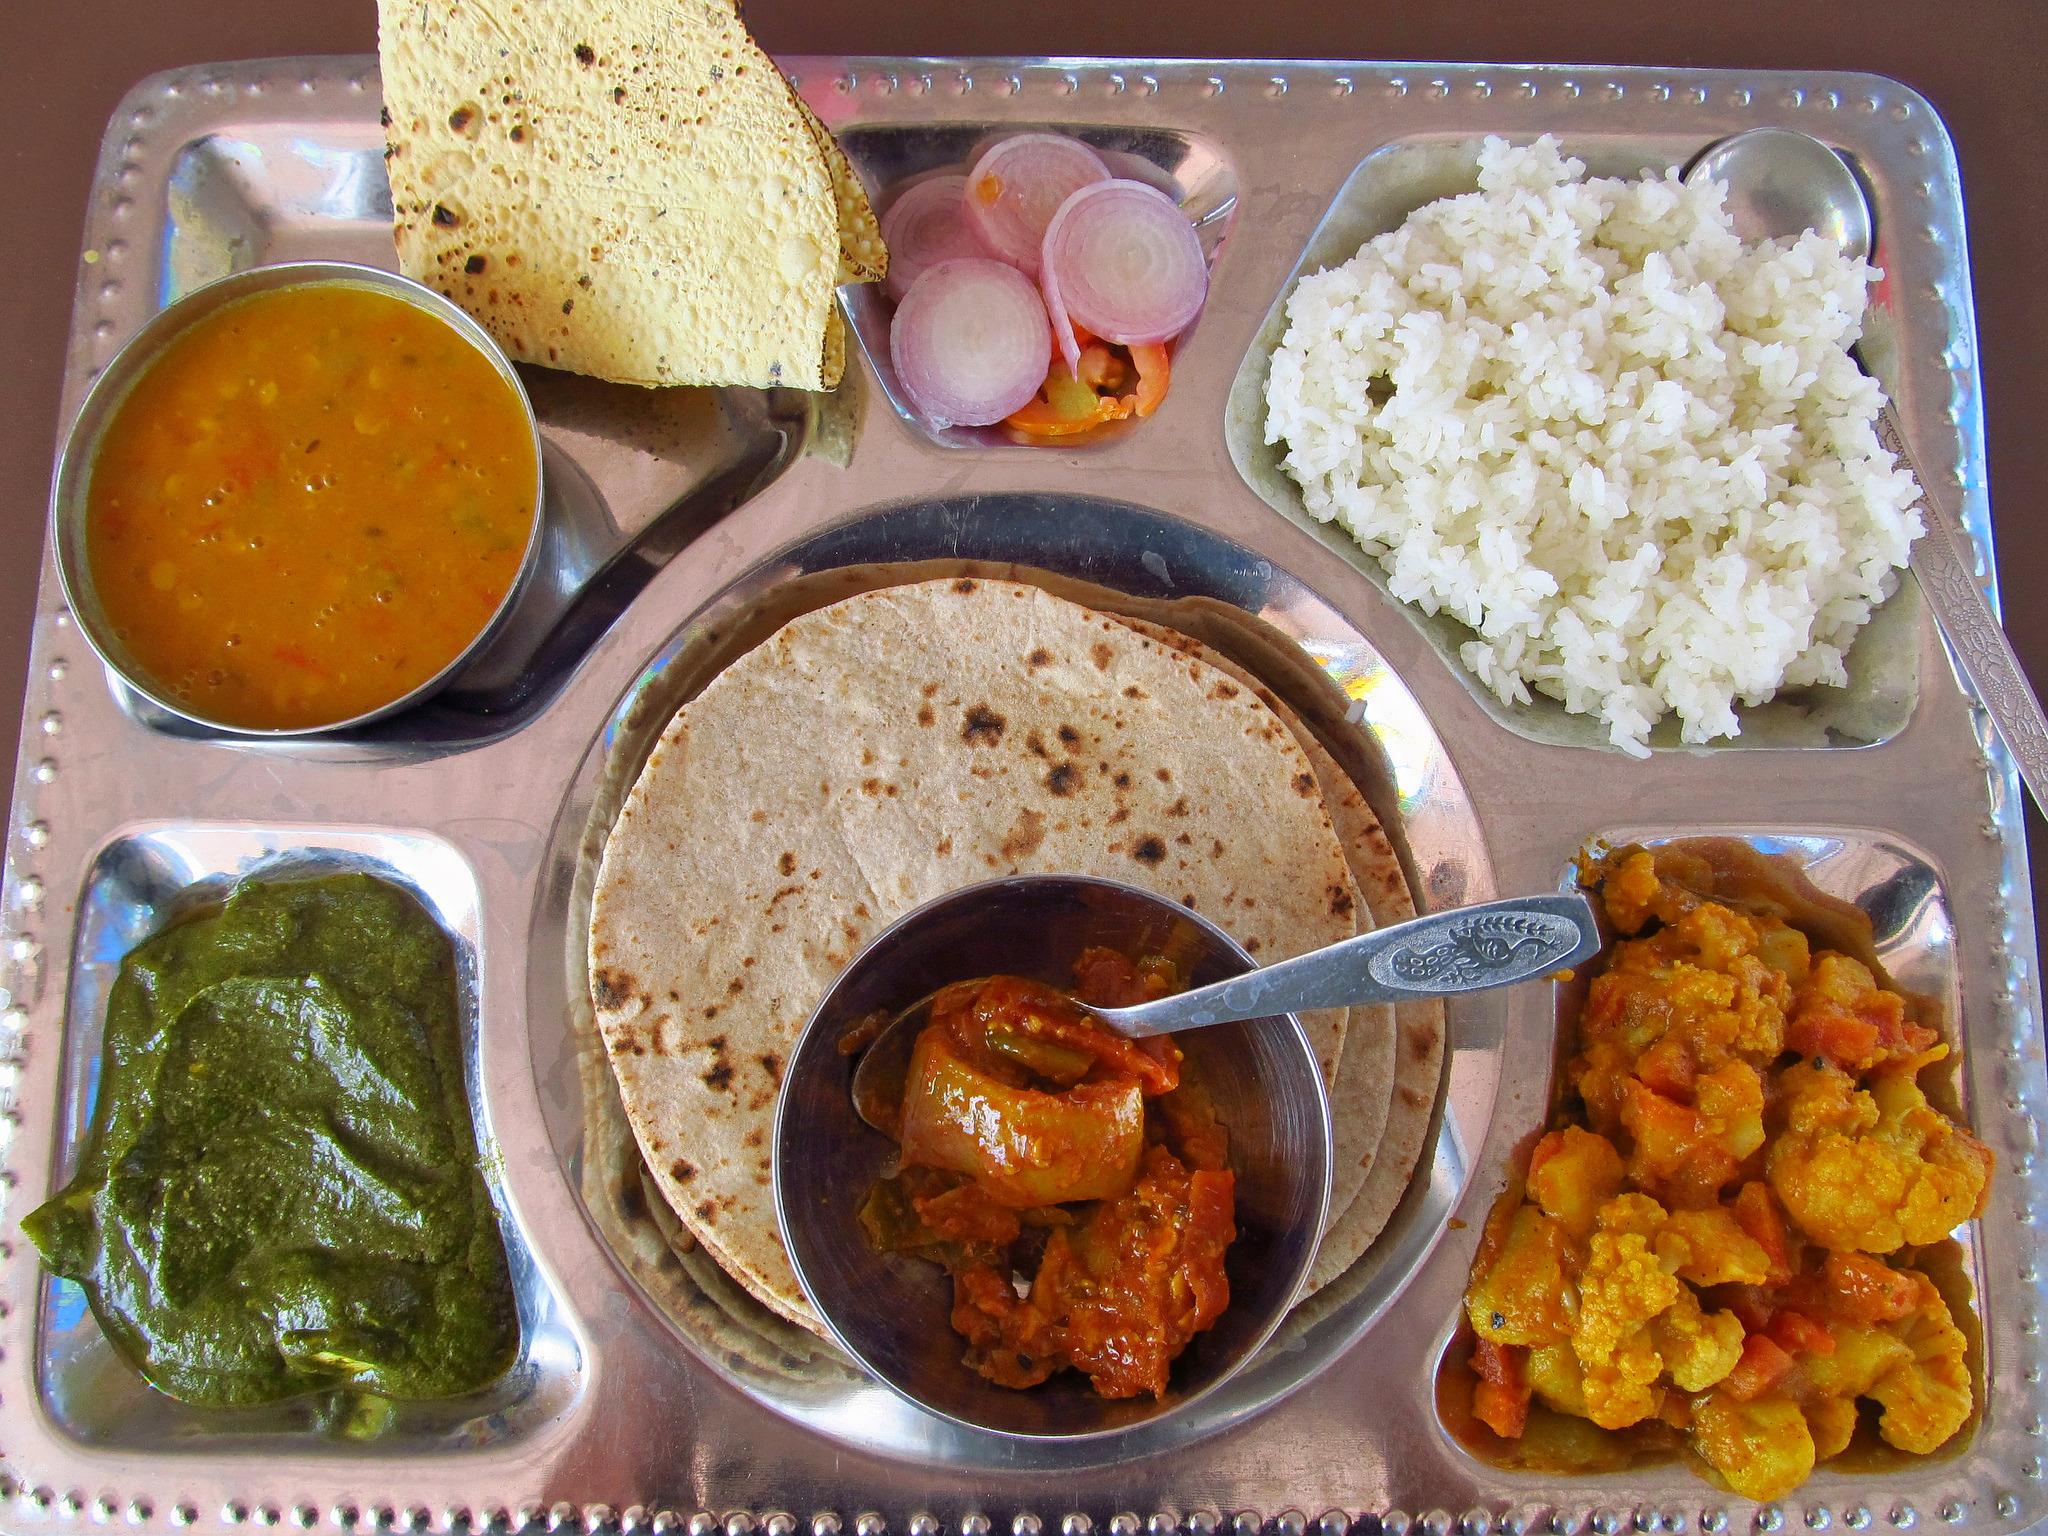 1542126879_food_of_jaisalmer.jpg